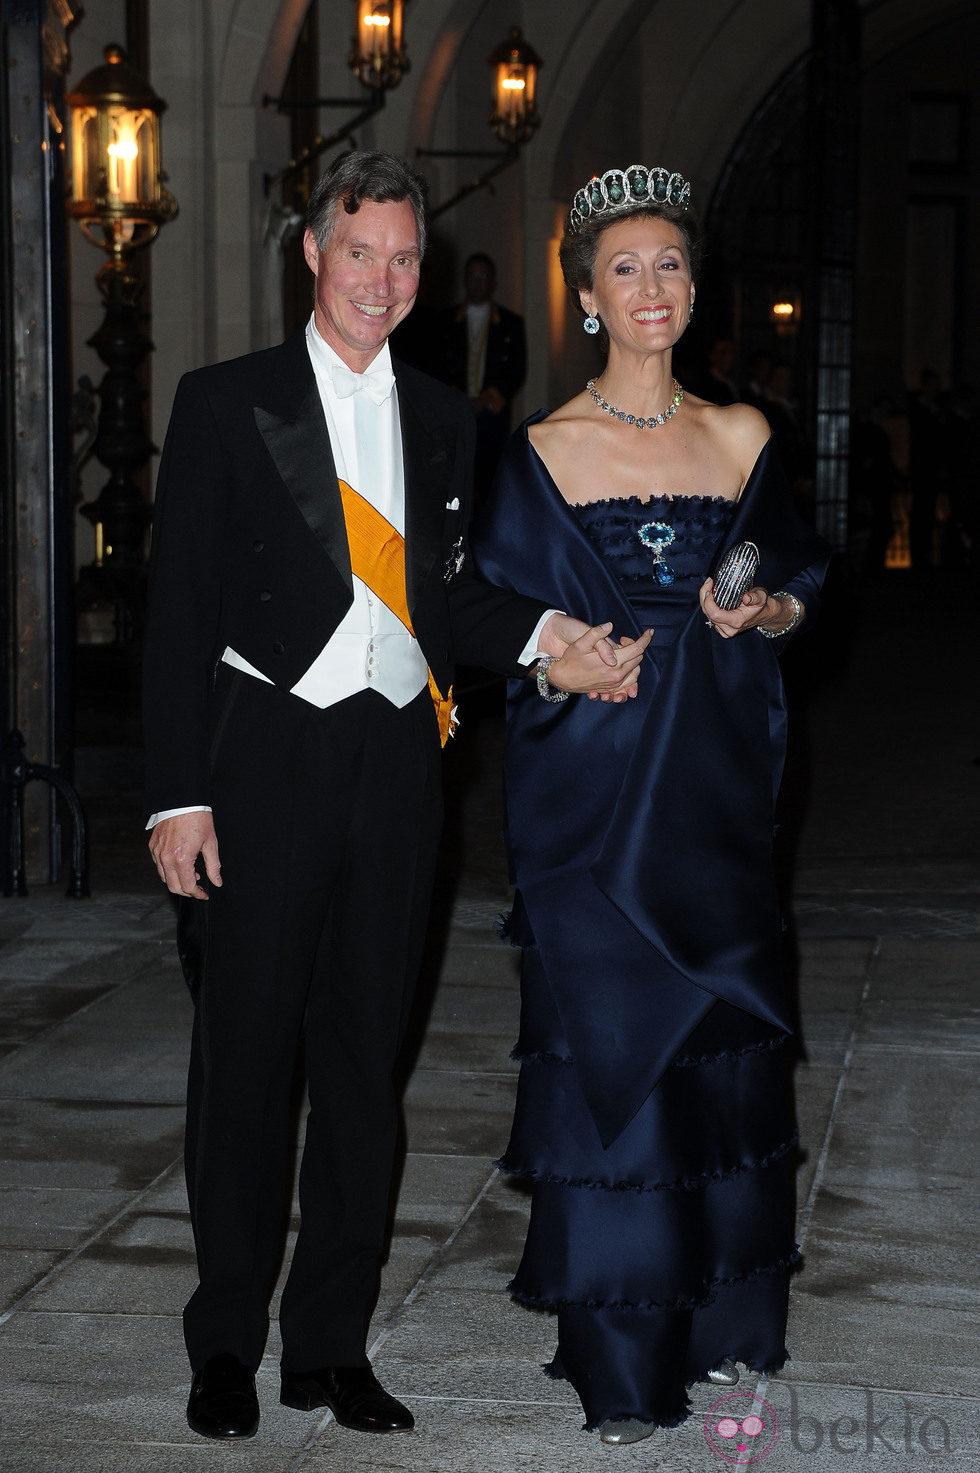 Guillermo y Sibilla de Luxemburgo en la cena de gala previa a la boda de Guillermo y Stéphanie